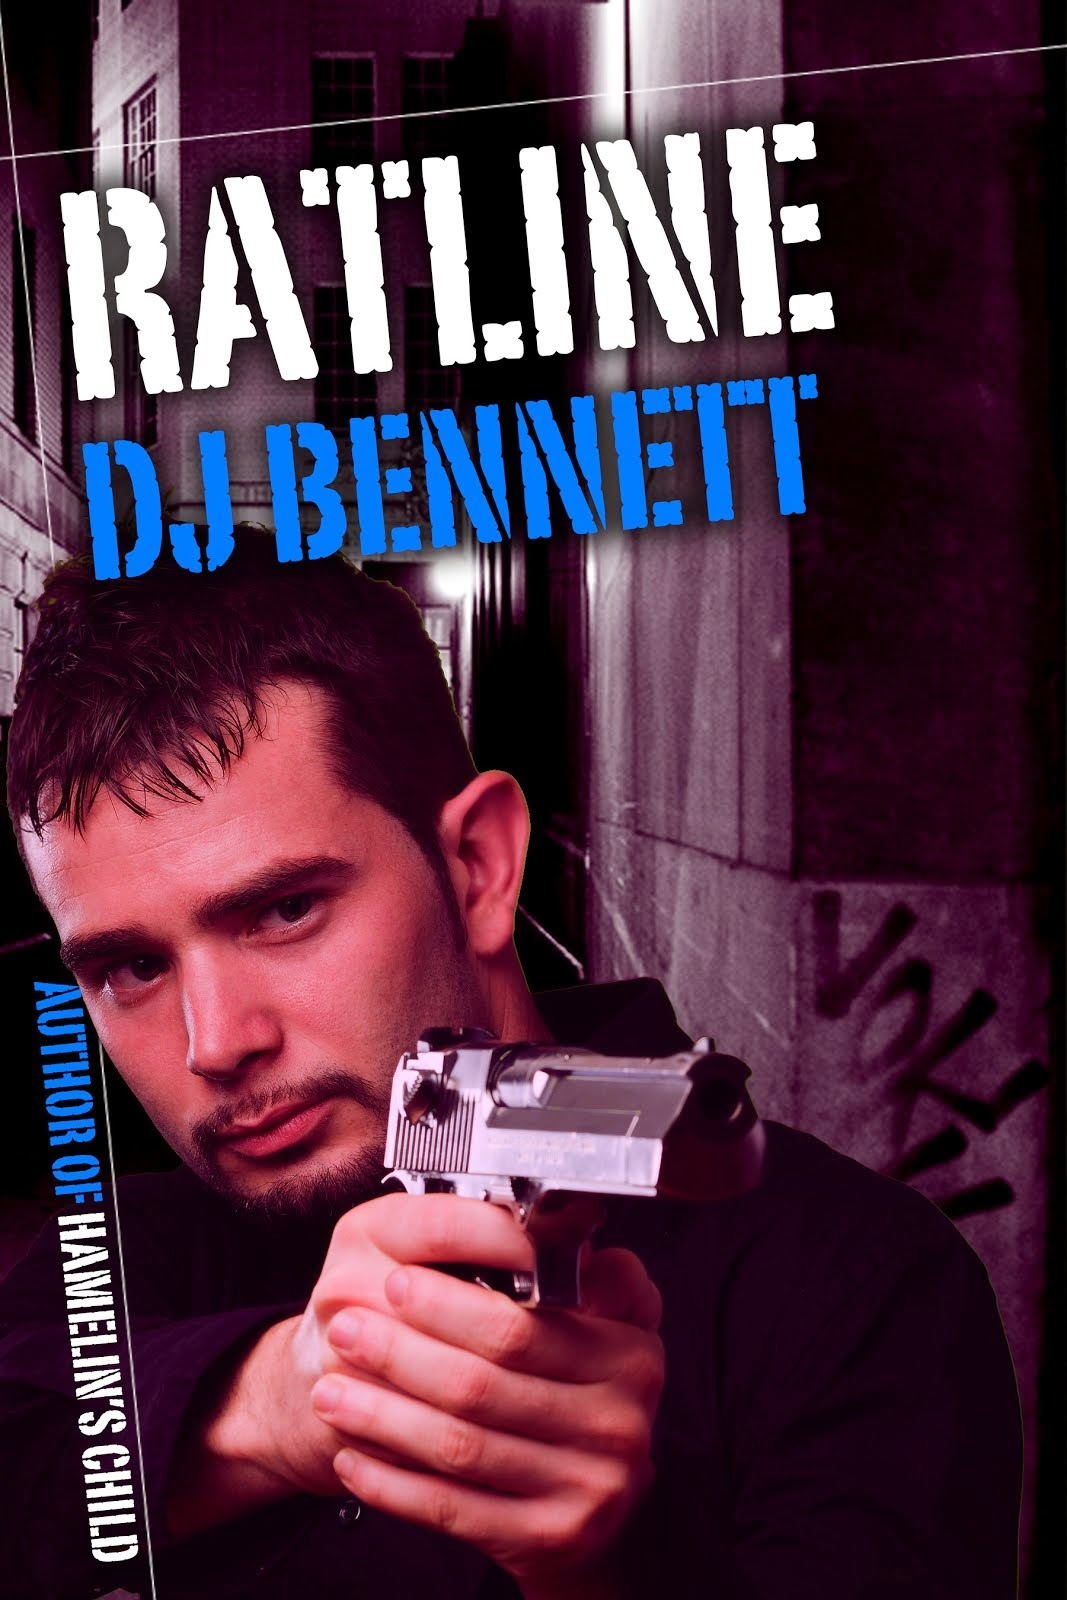 5) Ratline